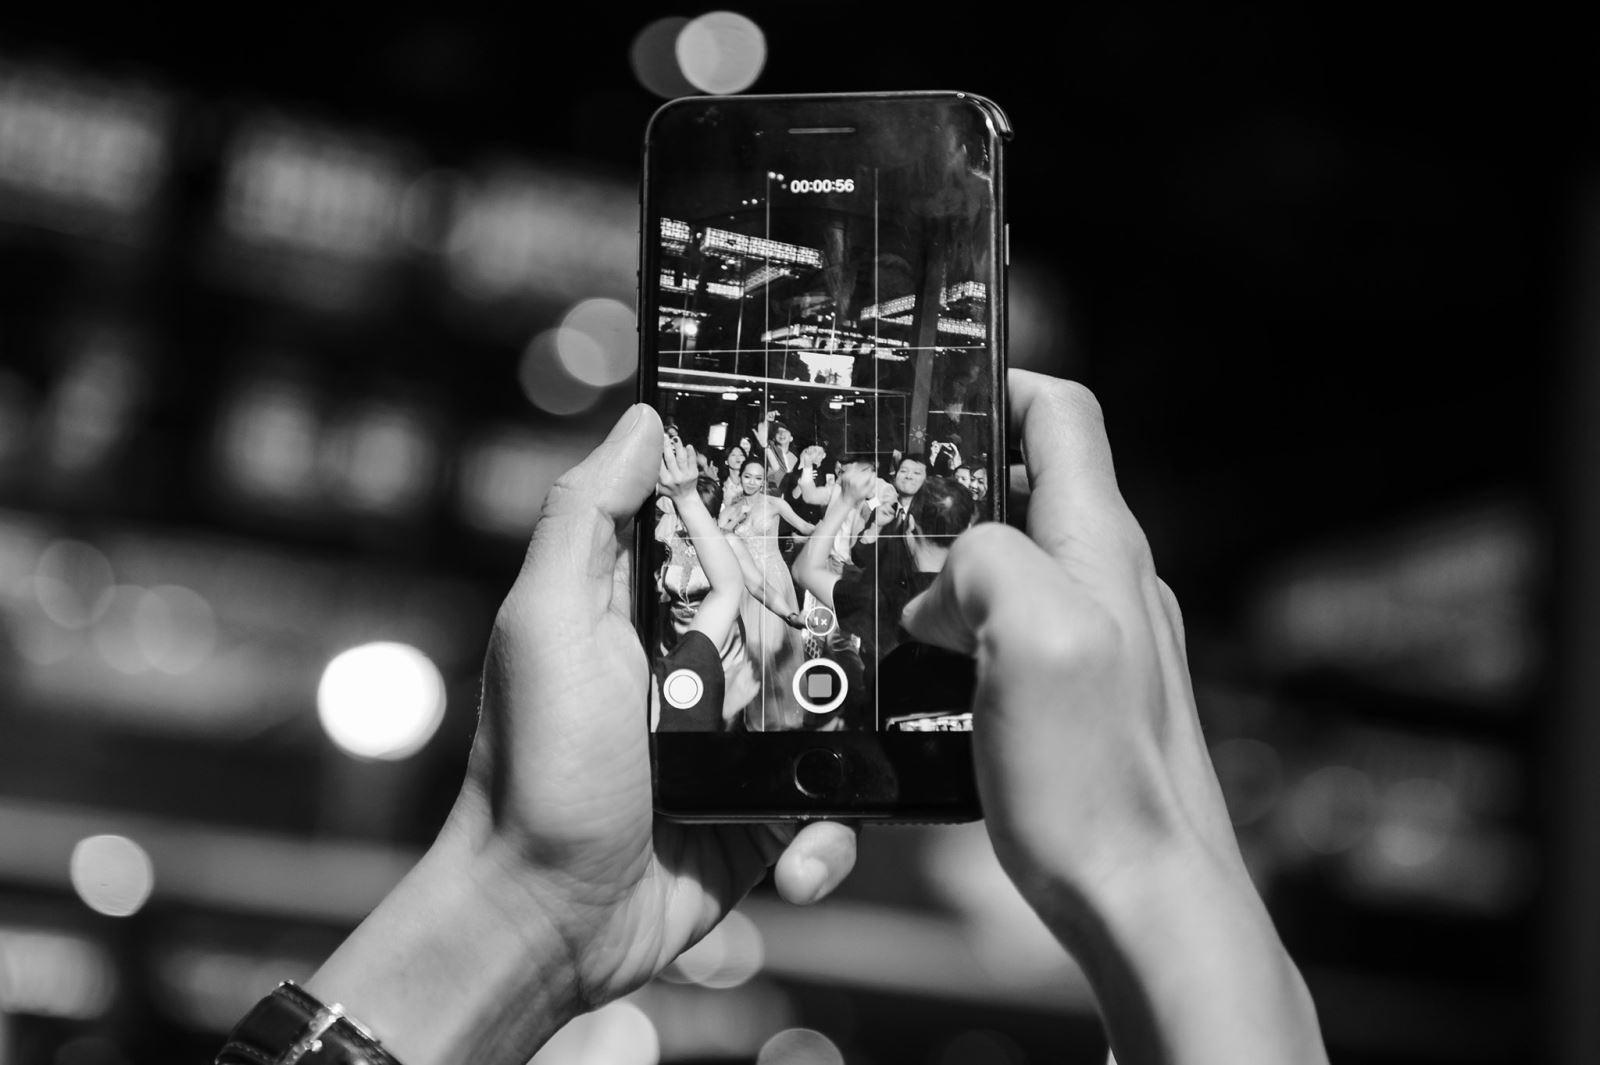 婚禮上,滑手機,手機拍照,手機自拍